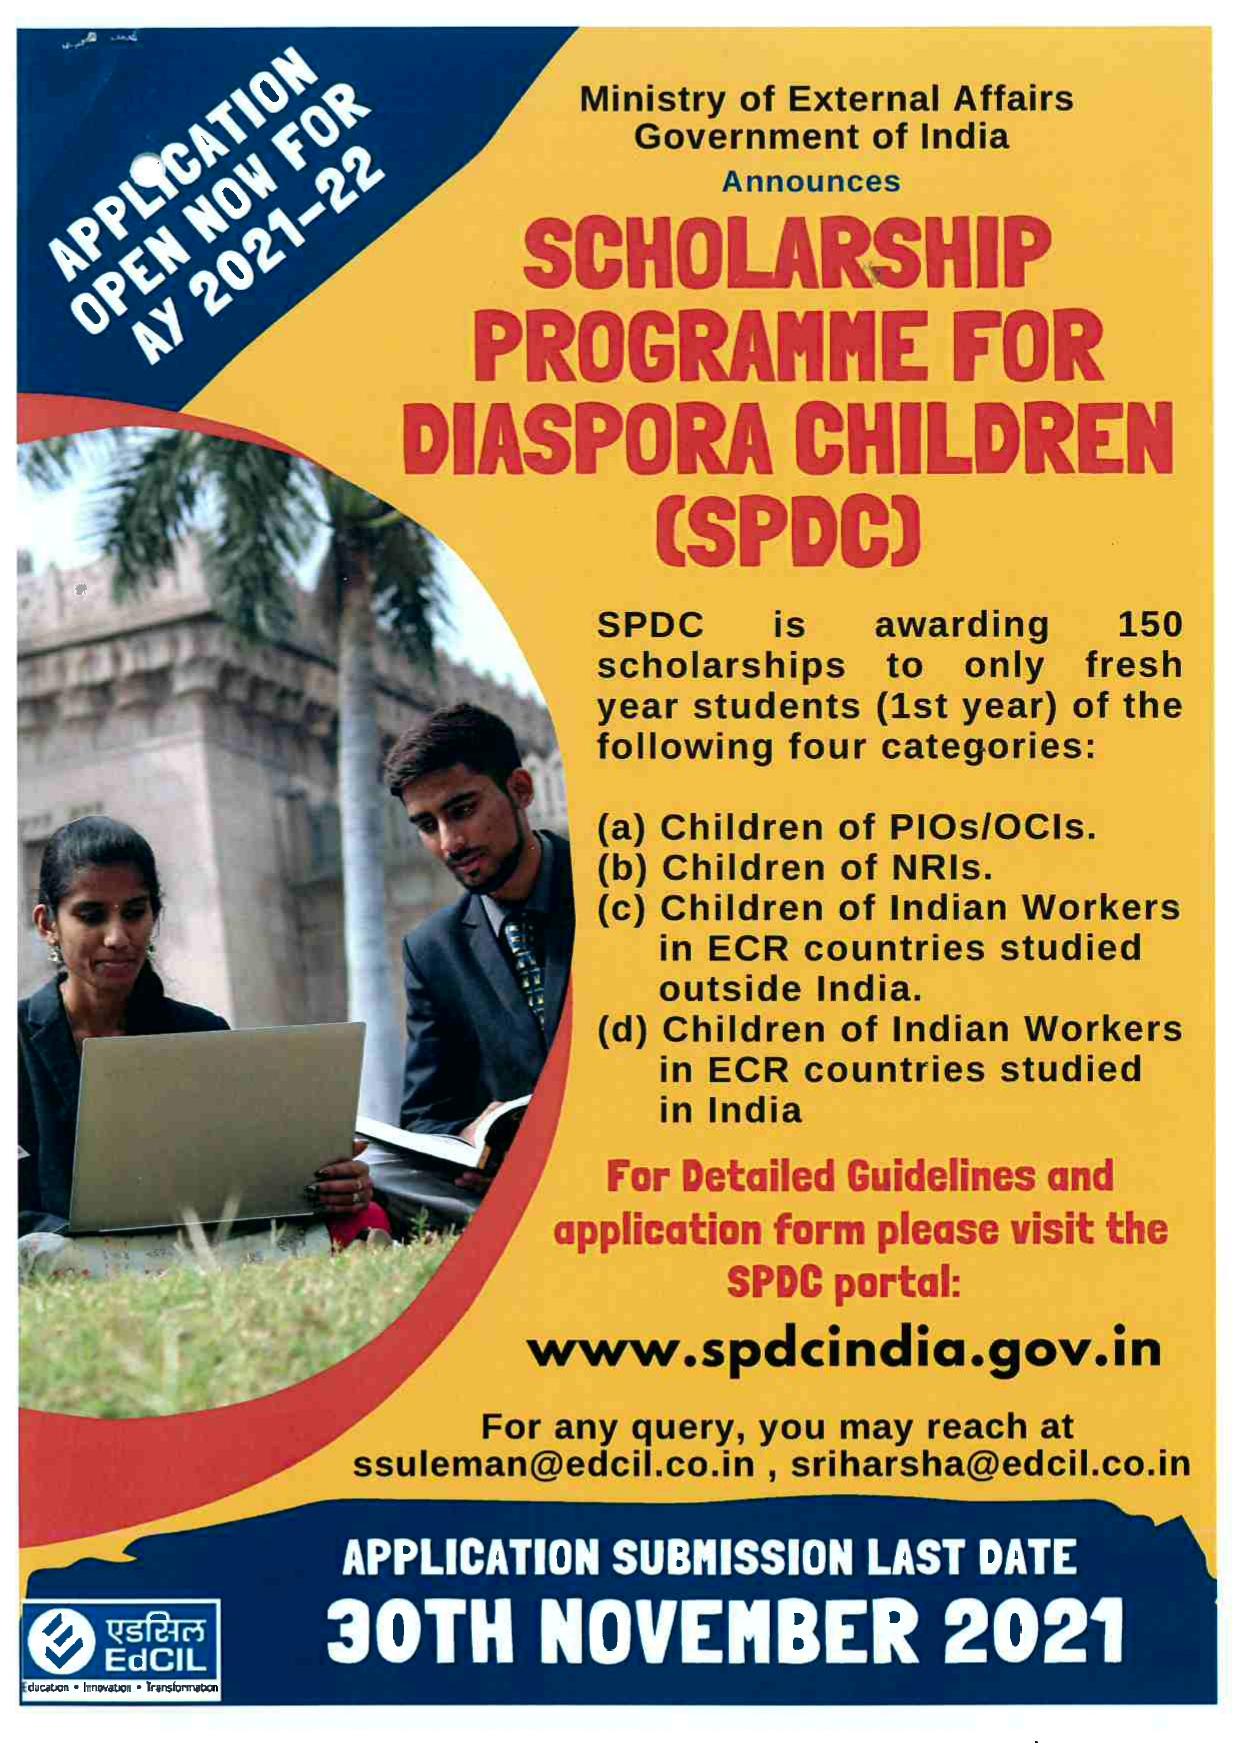 Scholarship Programme for Diaspora Children (SPDC)